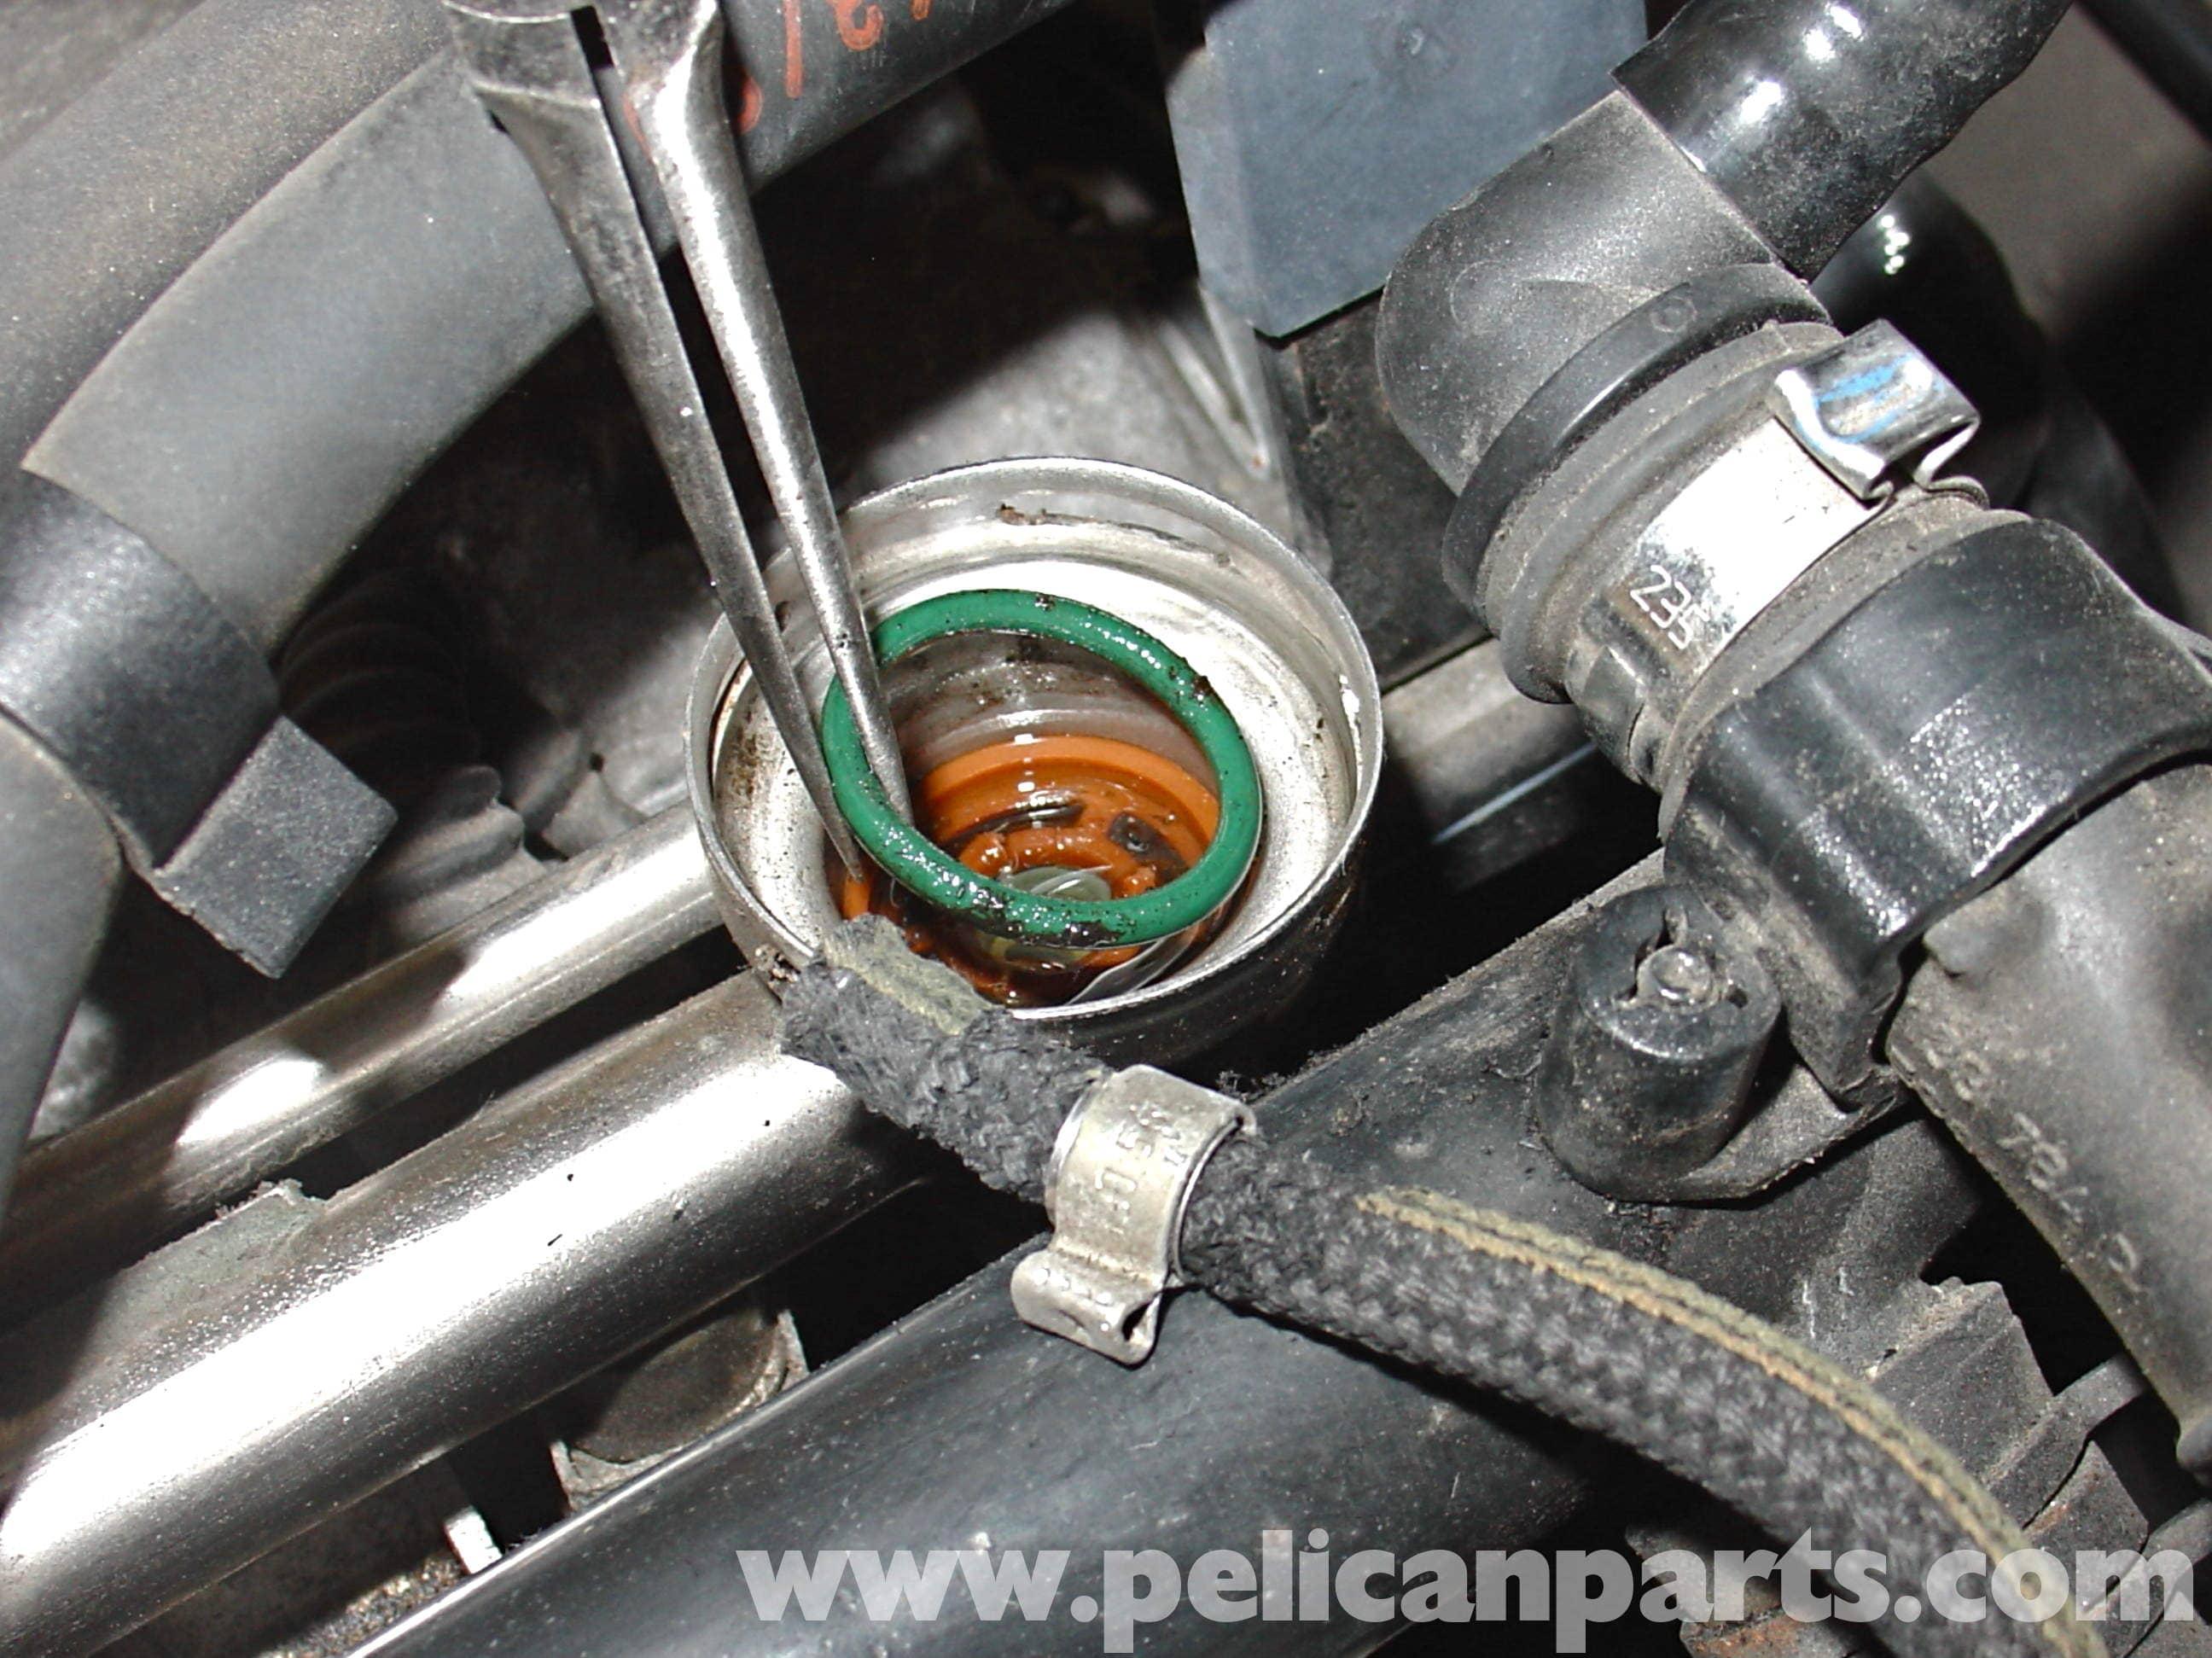 Audi A4 1.8T Volkswagen Fuel Pressure Regulator | Golf, Jetta ... Audi Fuel Pressure Diagram on yamaha diagram, jeep diagram, ford diagram, dodge diagram, jaguar diagram, lotus diagram, harley davidson diagram, polaris diagram, transportation diagram, smart diagram, mercury diagram, koenigsegg diagram, bmw diagram,